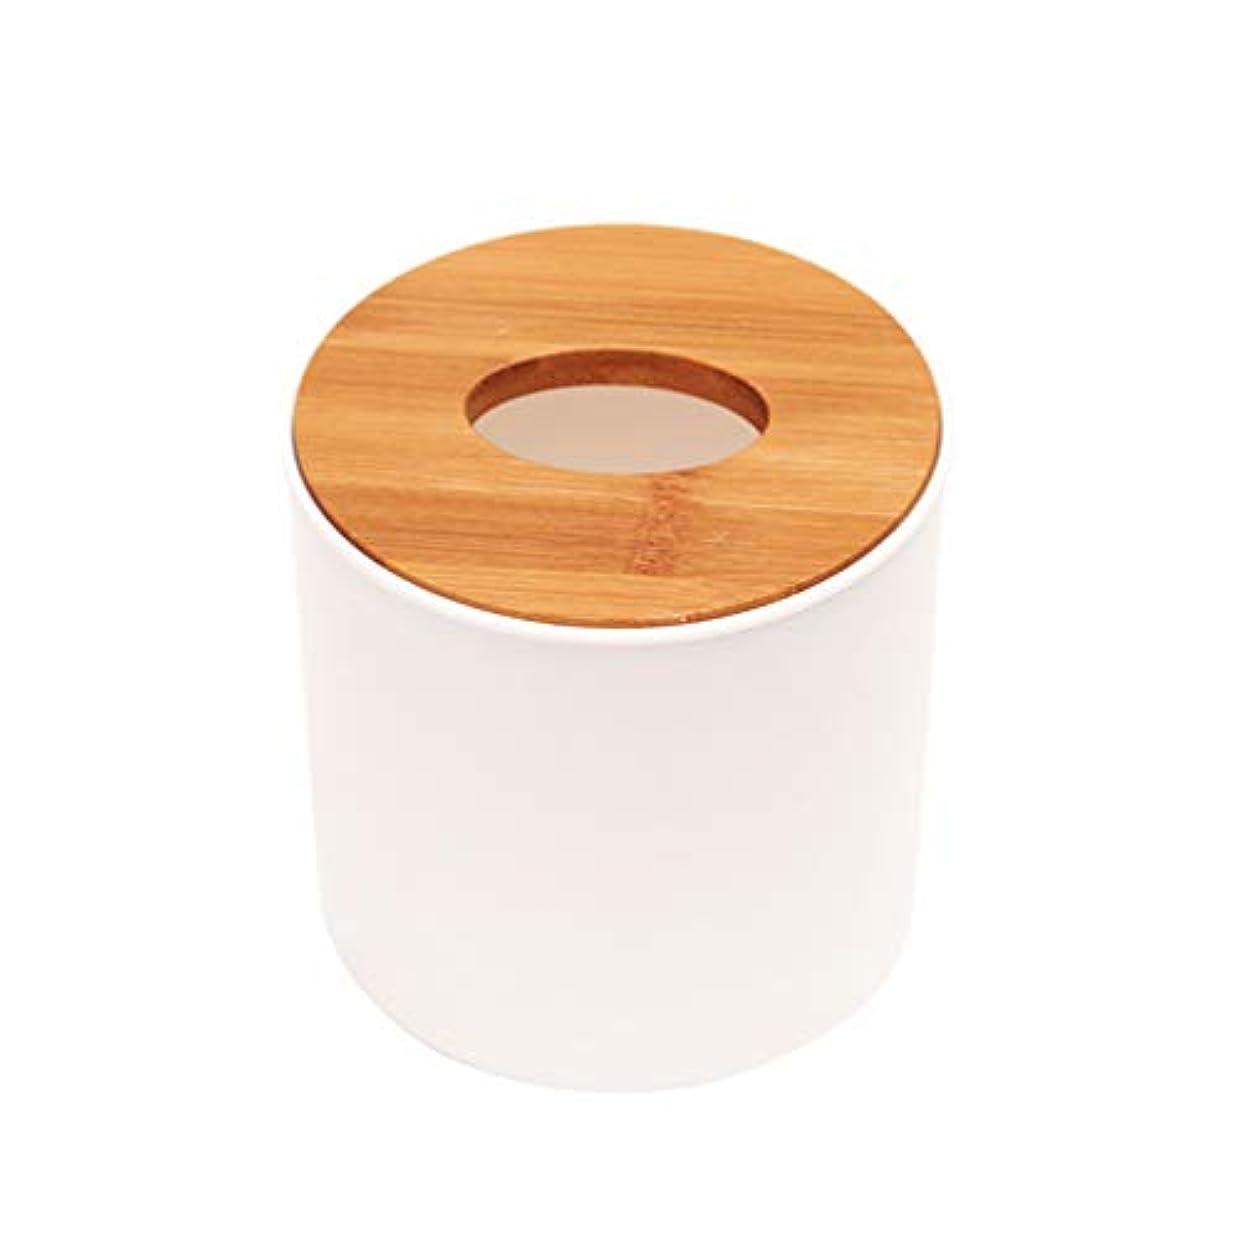 ダメージラフ長老TOPBATHY 2ピースティッシュボックス円筒木製カバープラスチック耐久性のあるティッシュペーパーホルダーオフィスホーム用品白